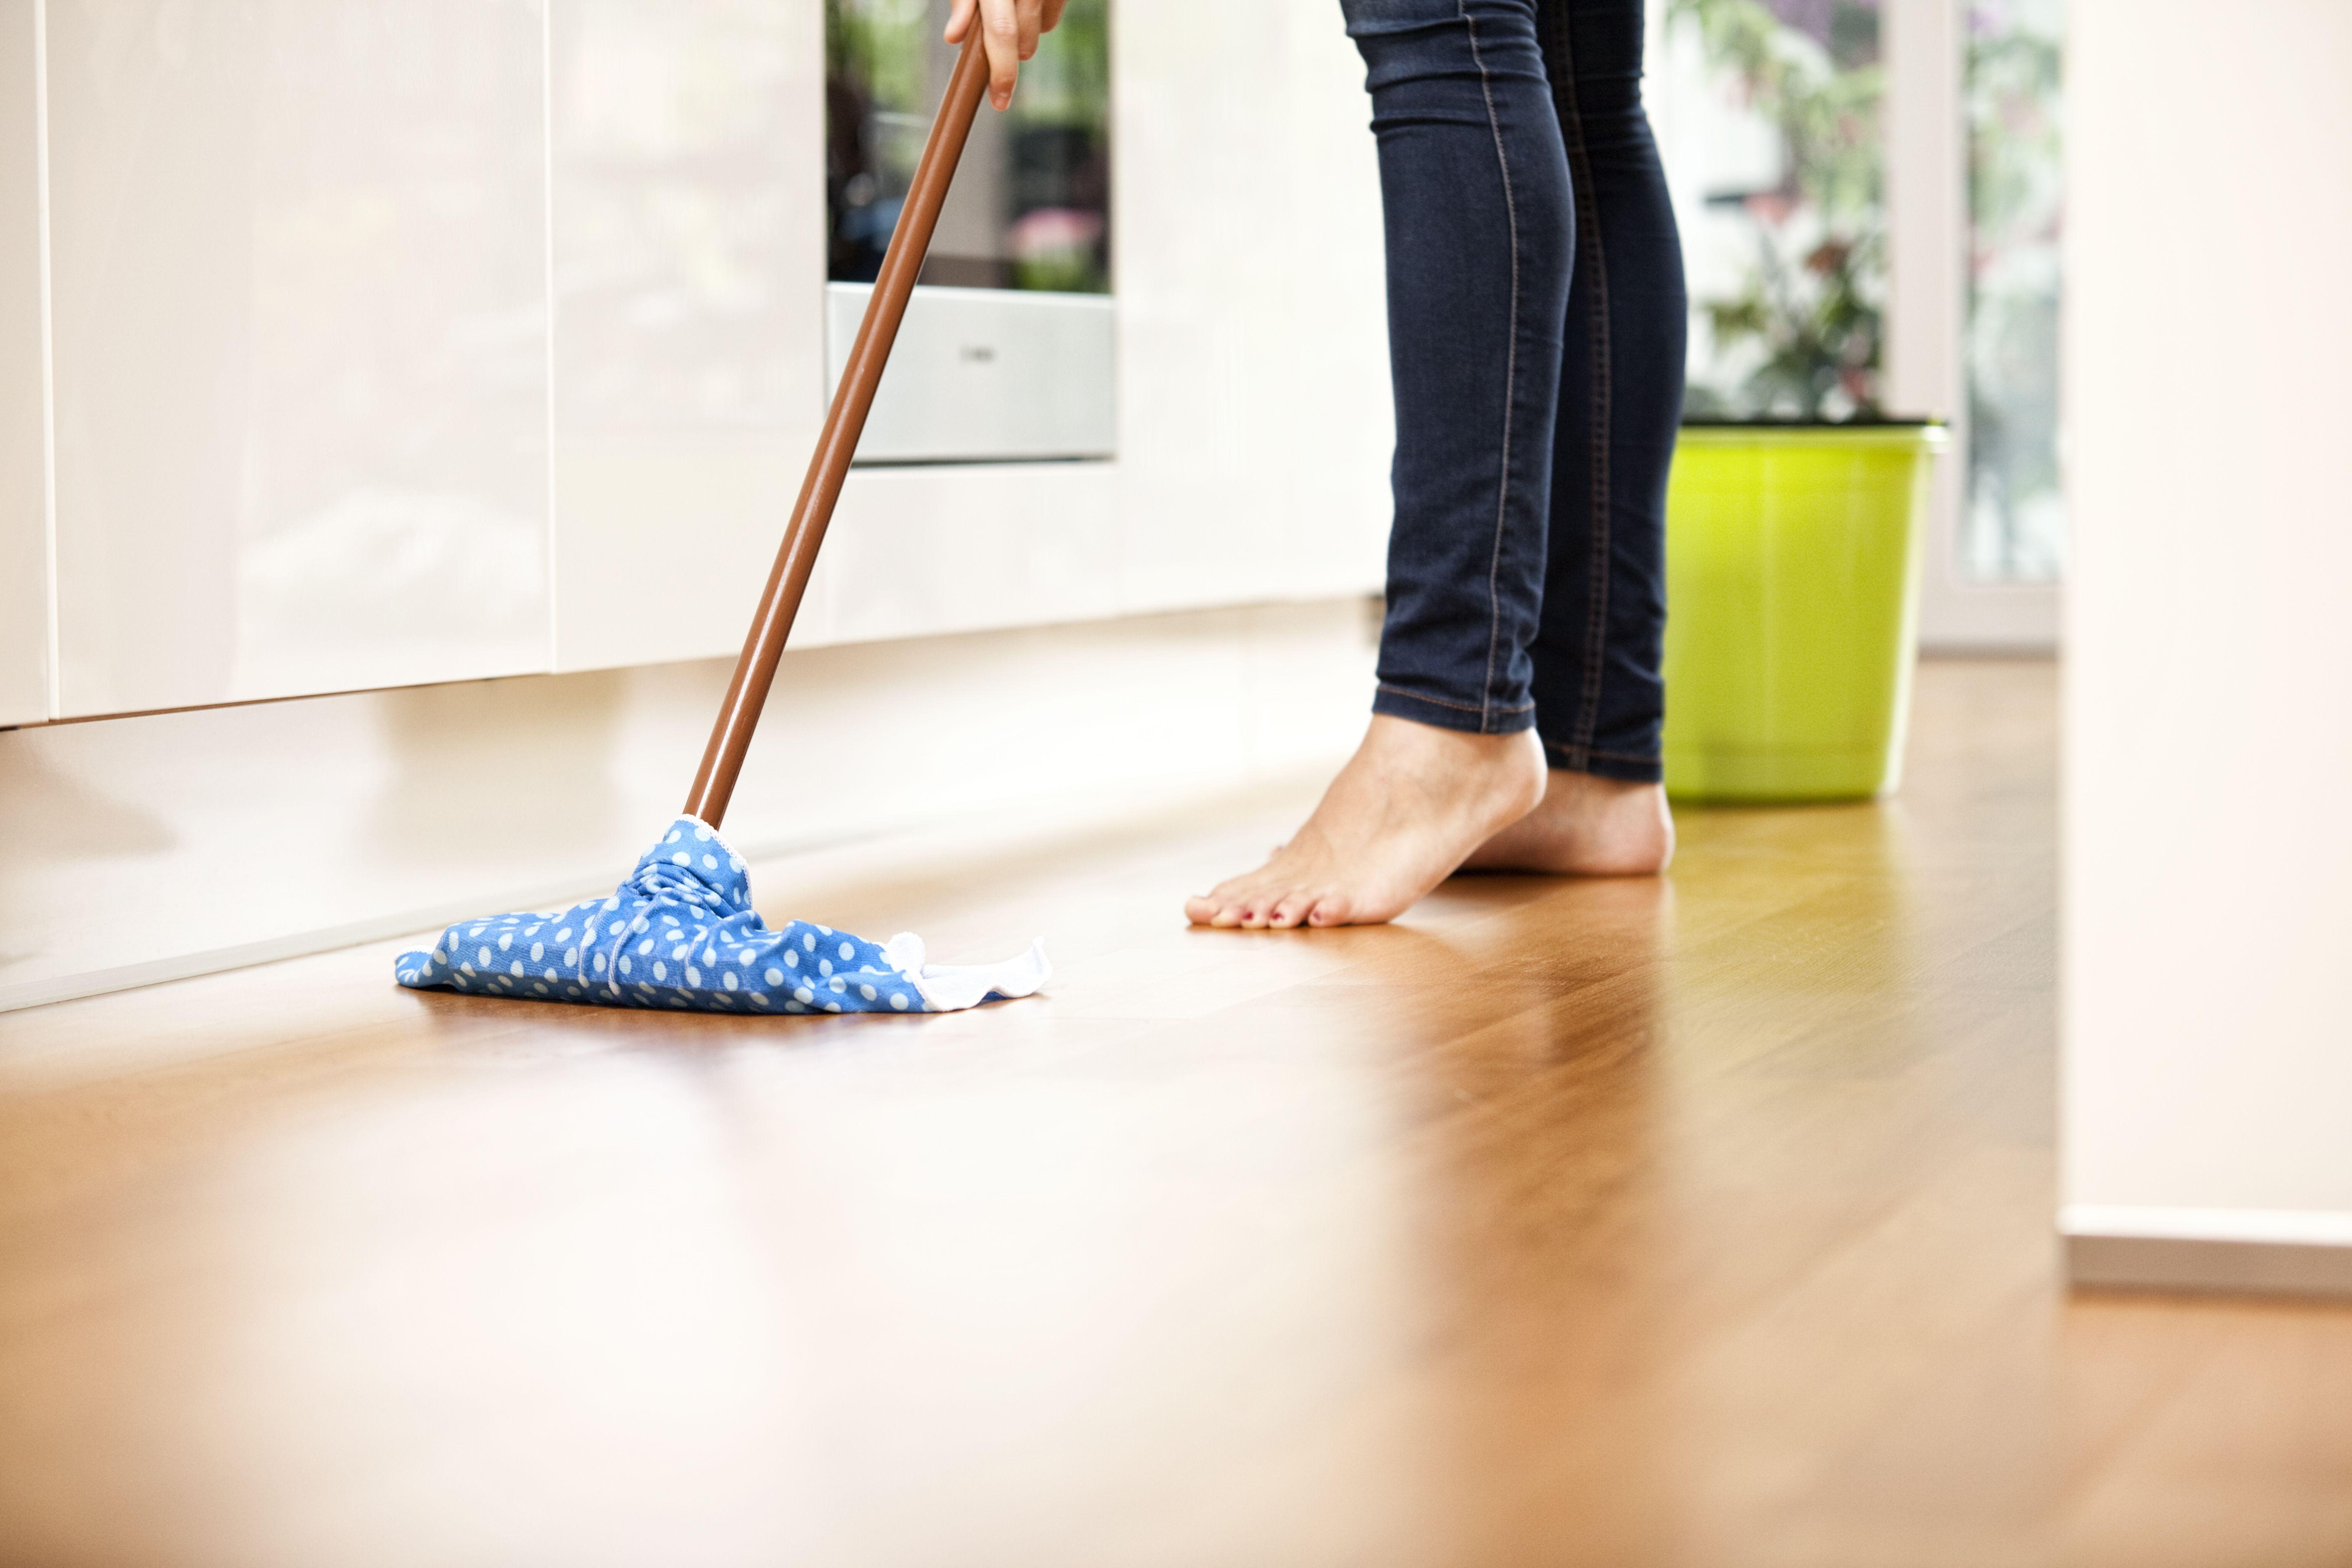 The 8 Best Hardwood Floor Cleaners of 2019